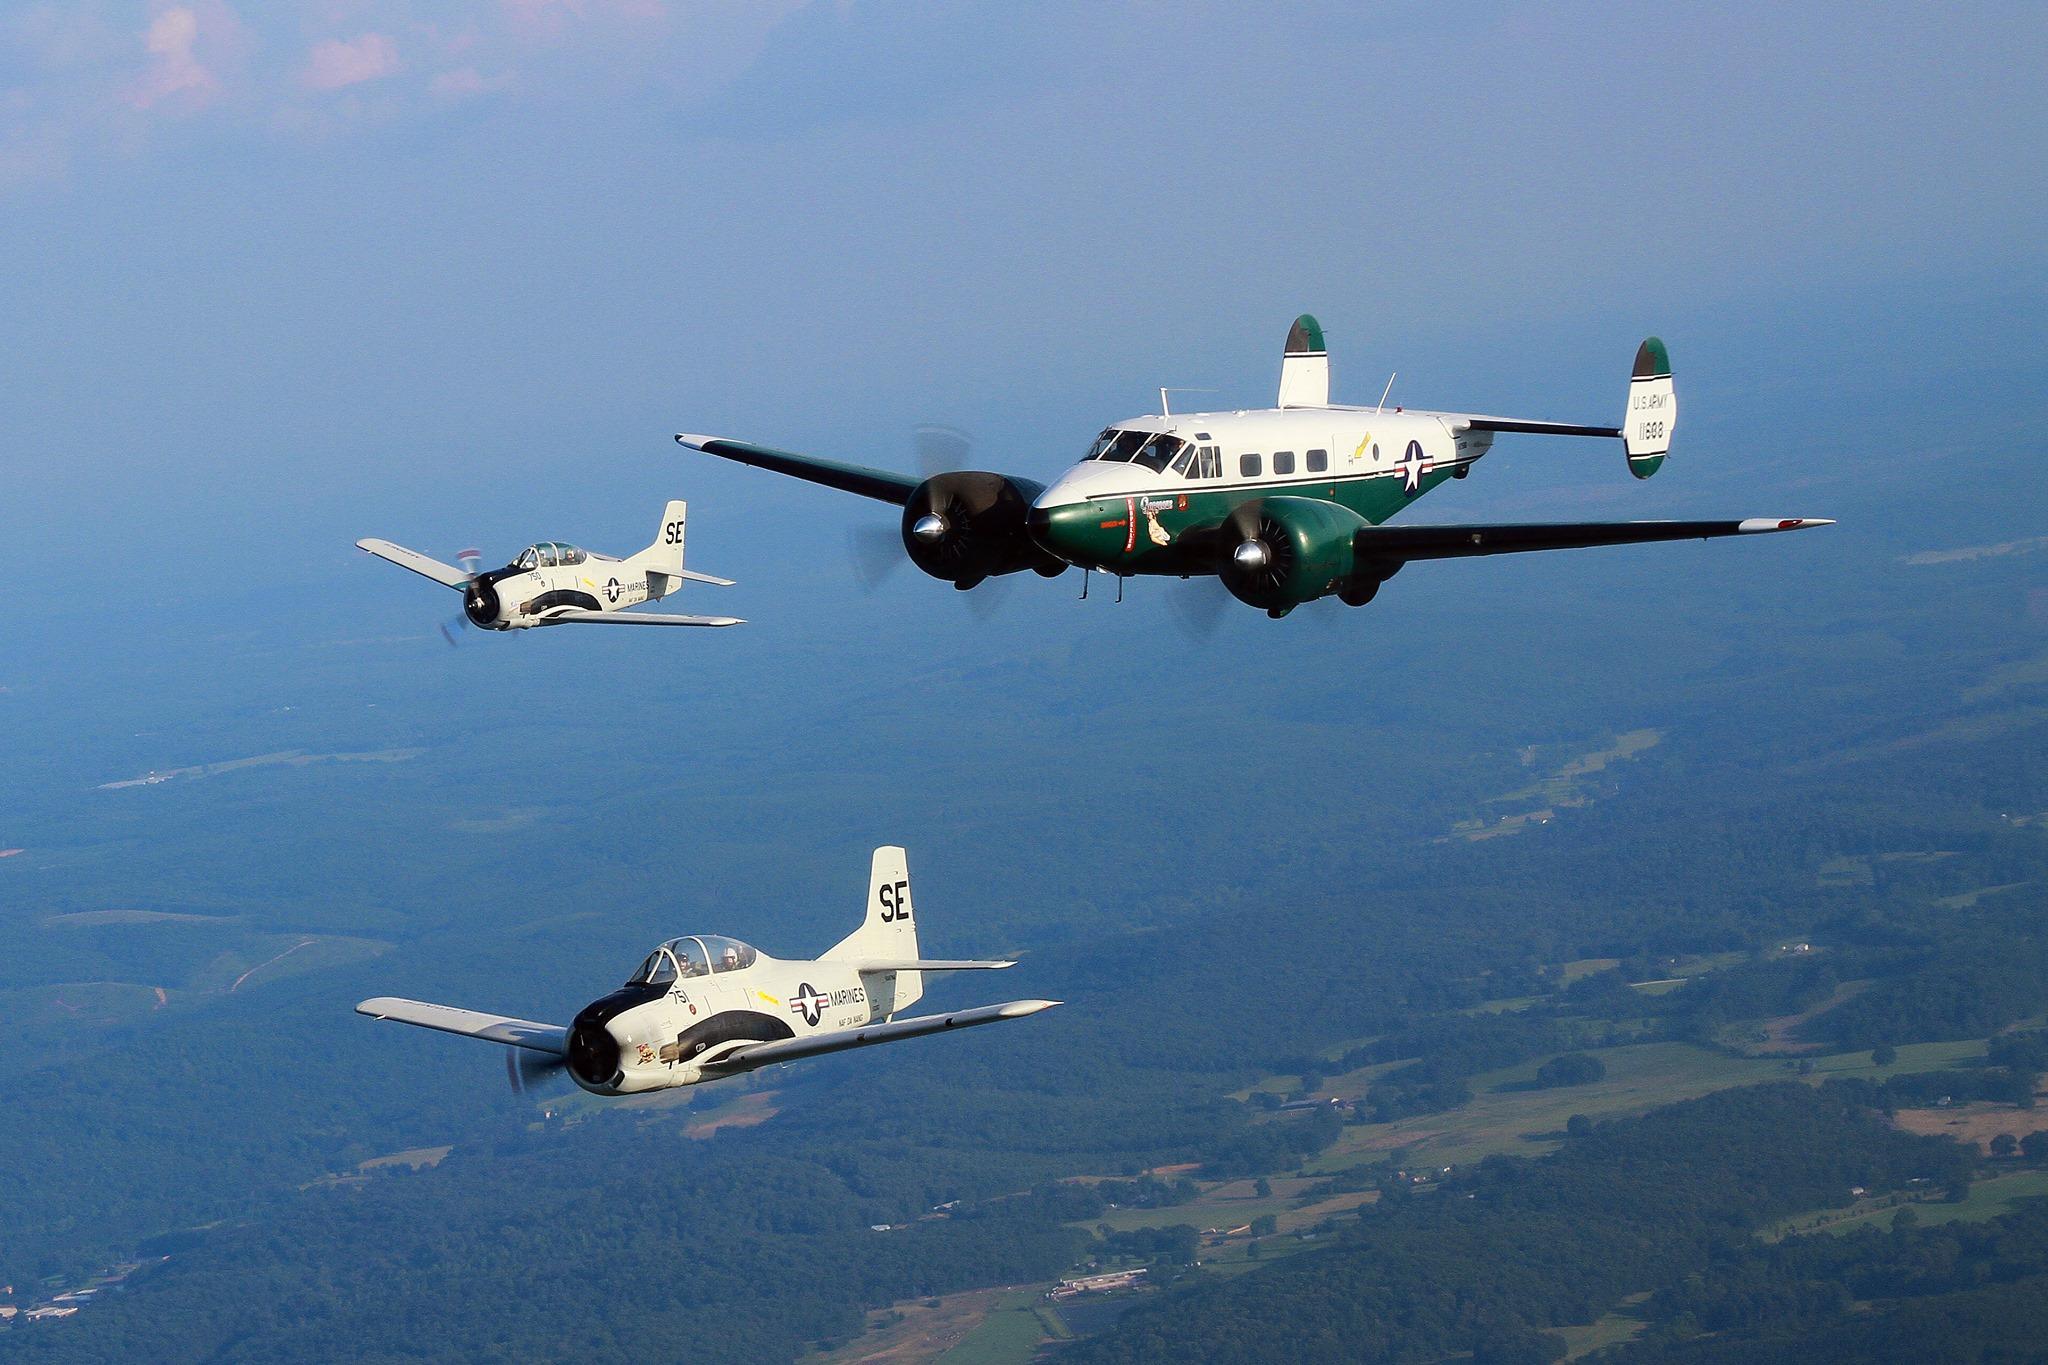 Museum of Flight image 0